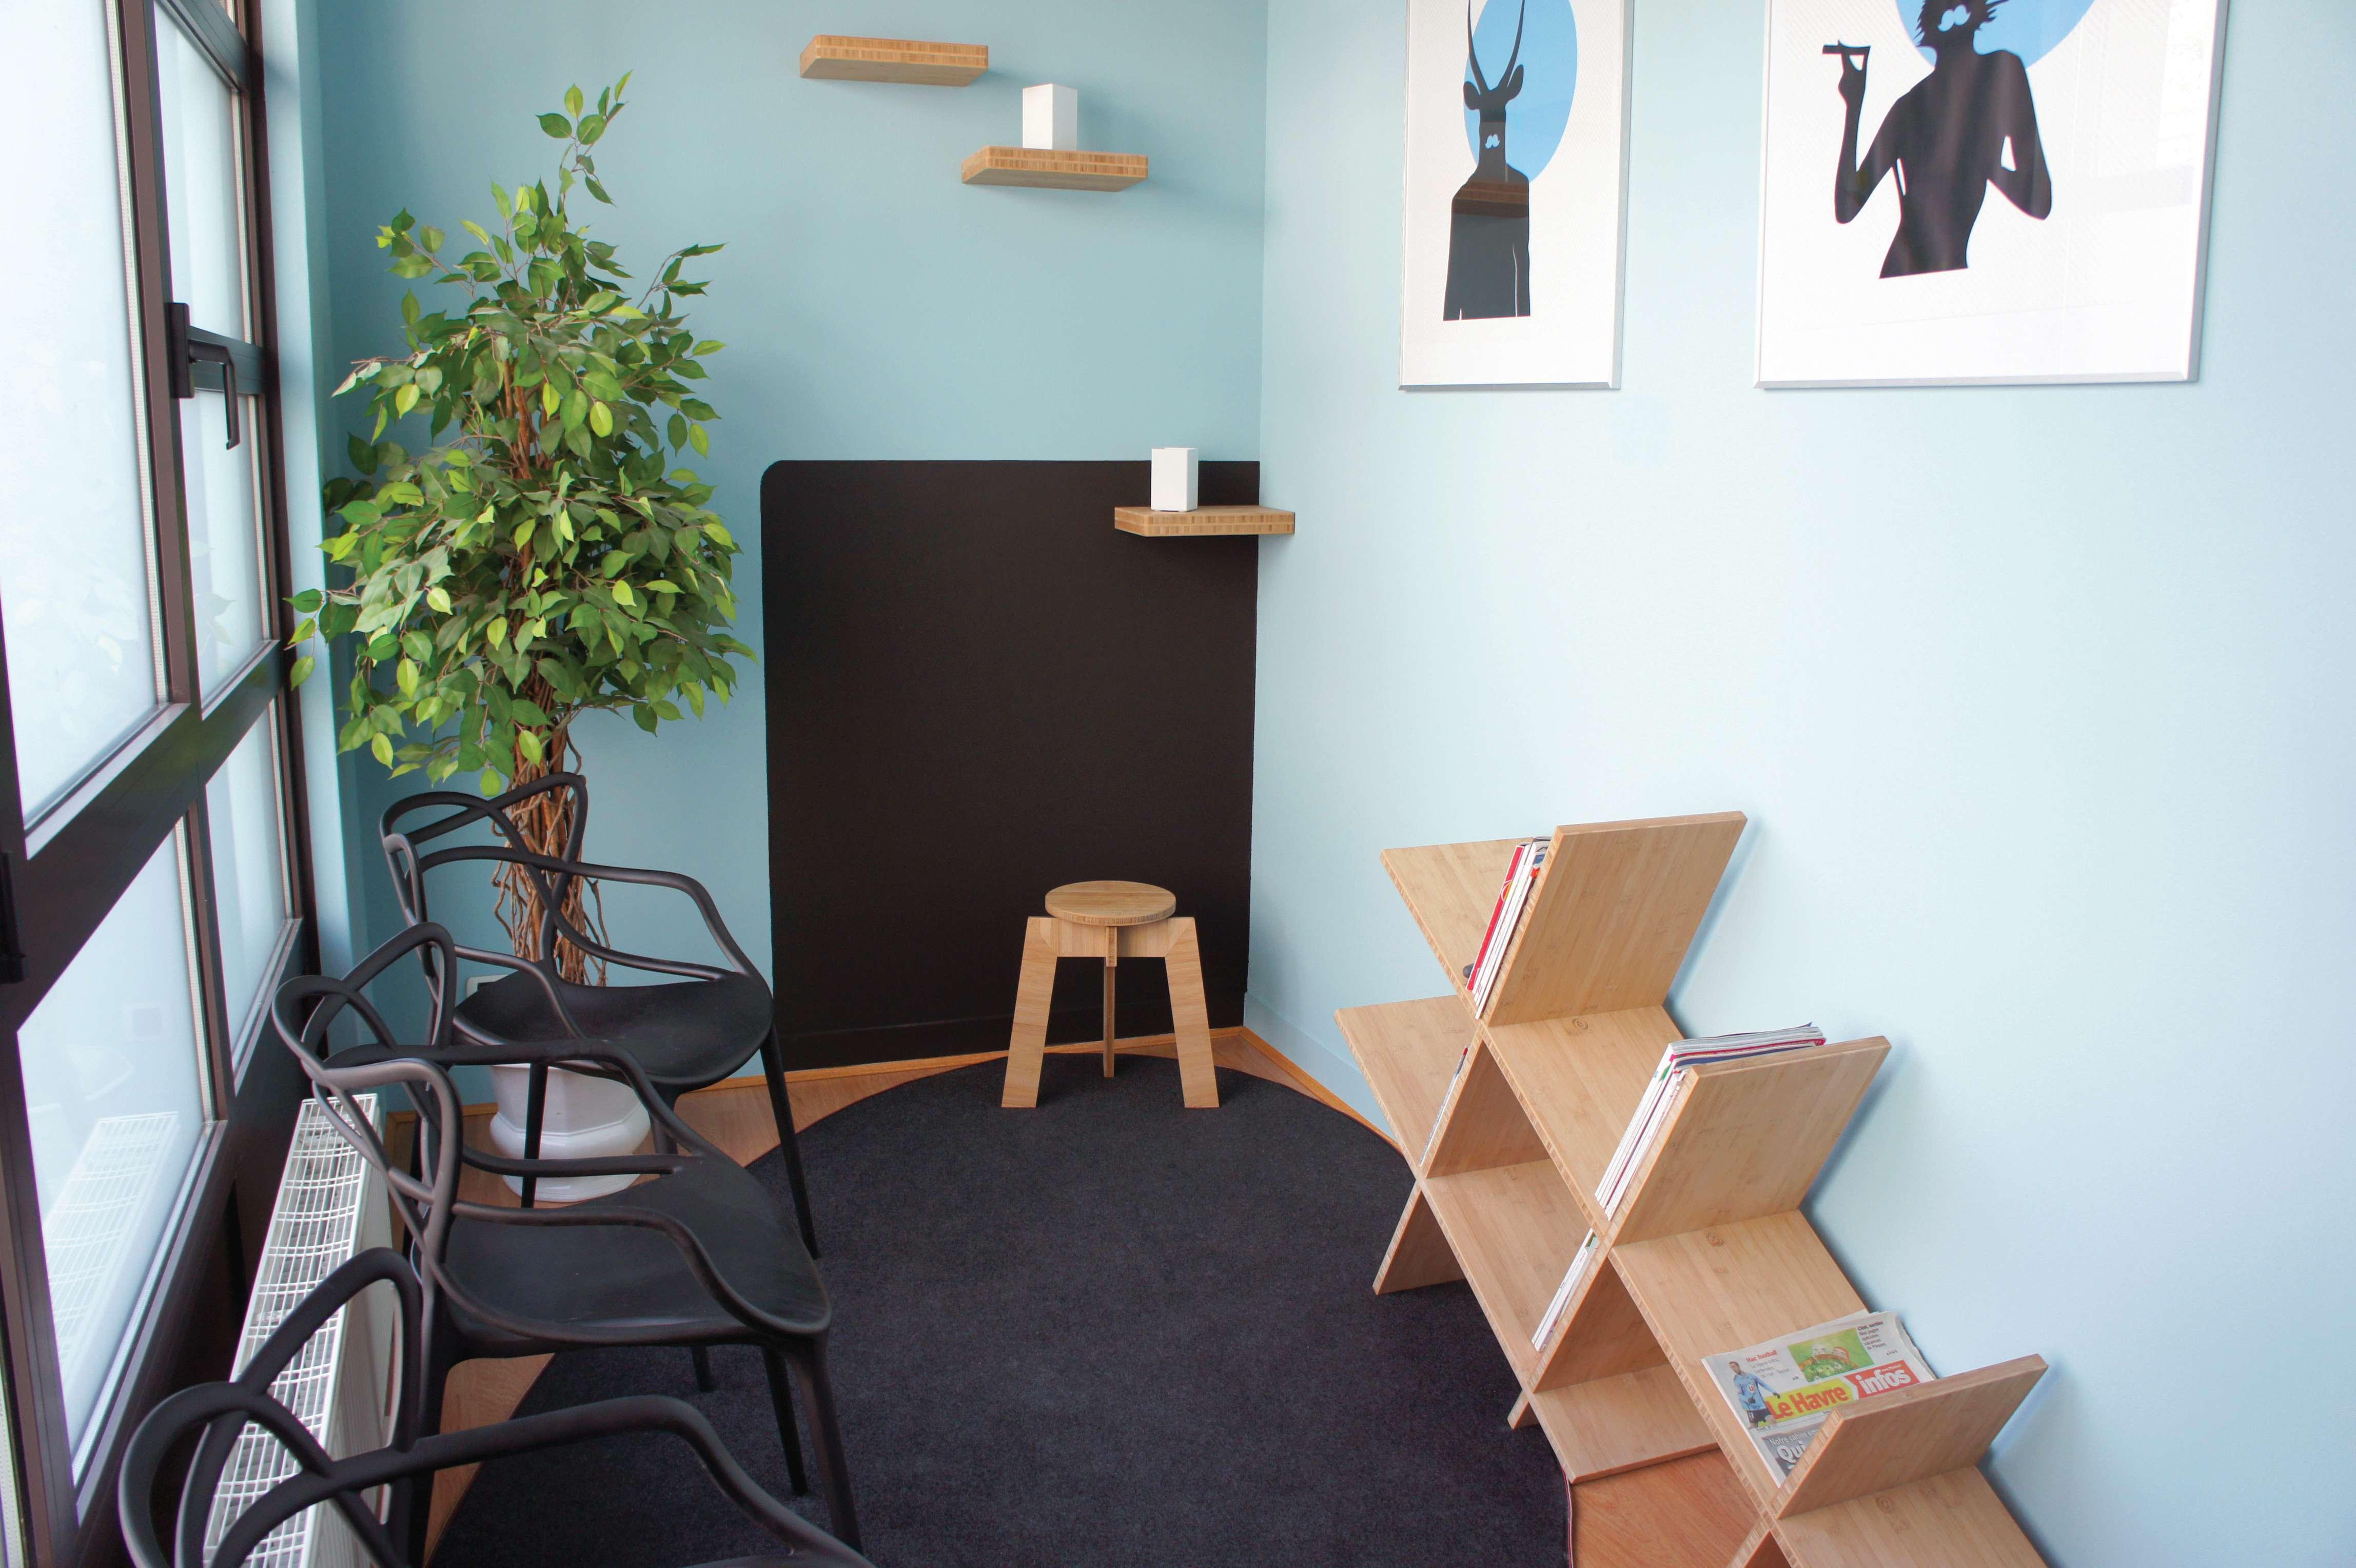 architecture design baru design. Black Bedroom Furniture Sets. Home Design Ideas